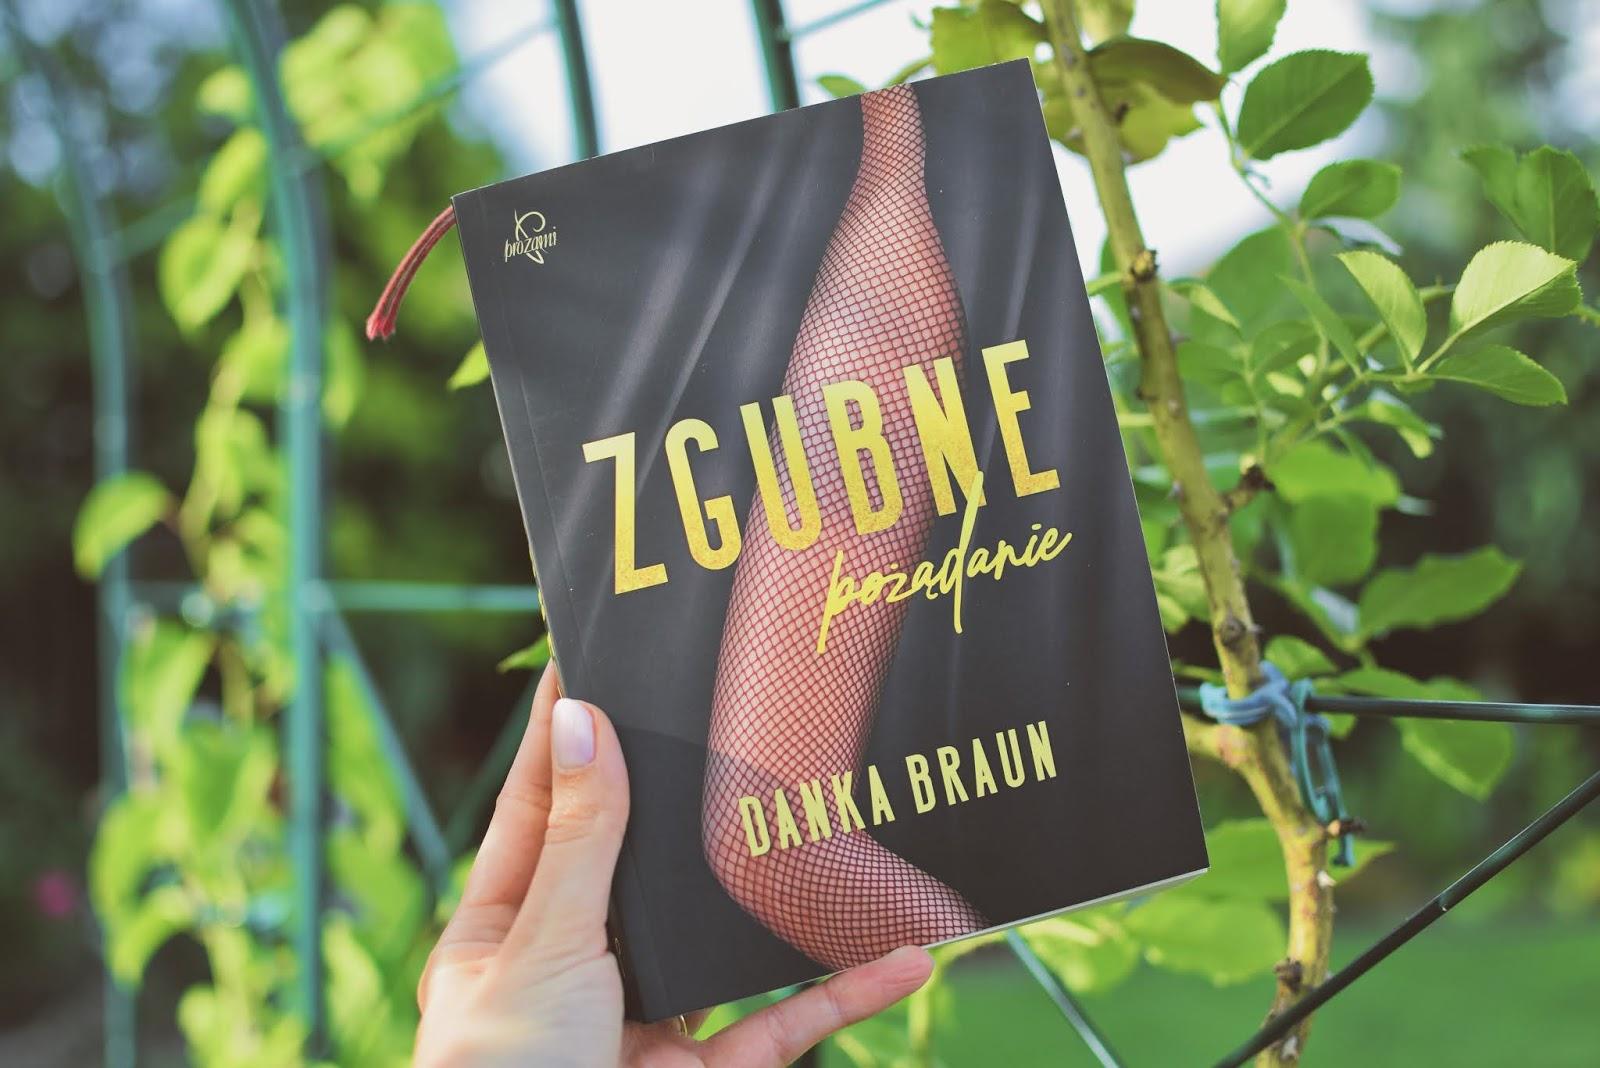 DankaBraun, erotyk, opowiadanie, recenzja, romans, WydawnictwoProzami, zdrada, ZgubnePożądanie,